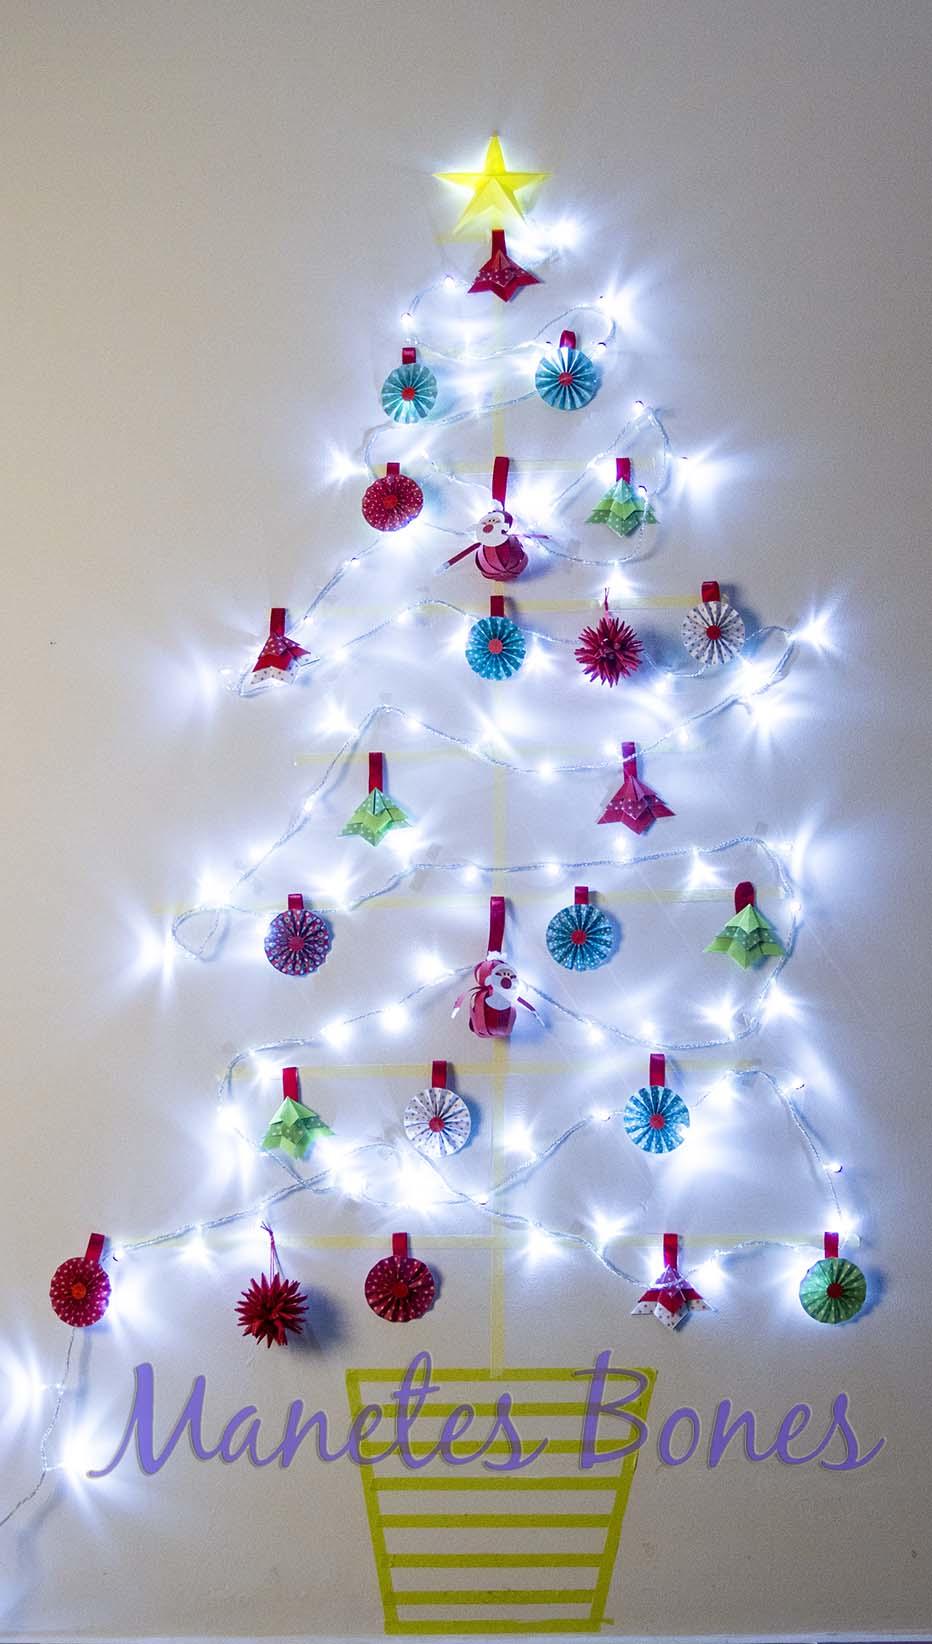 El rbol de navidad el washi tape la pared las luces y - Arbol de navidad hecho de luces ...